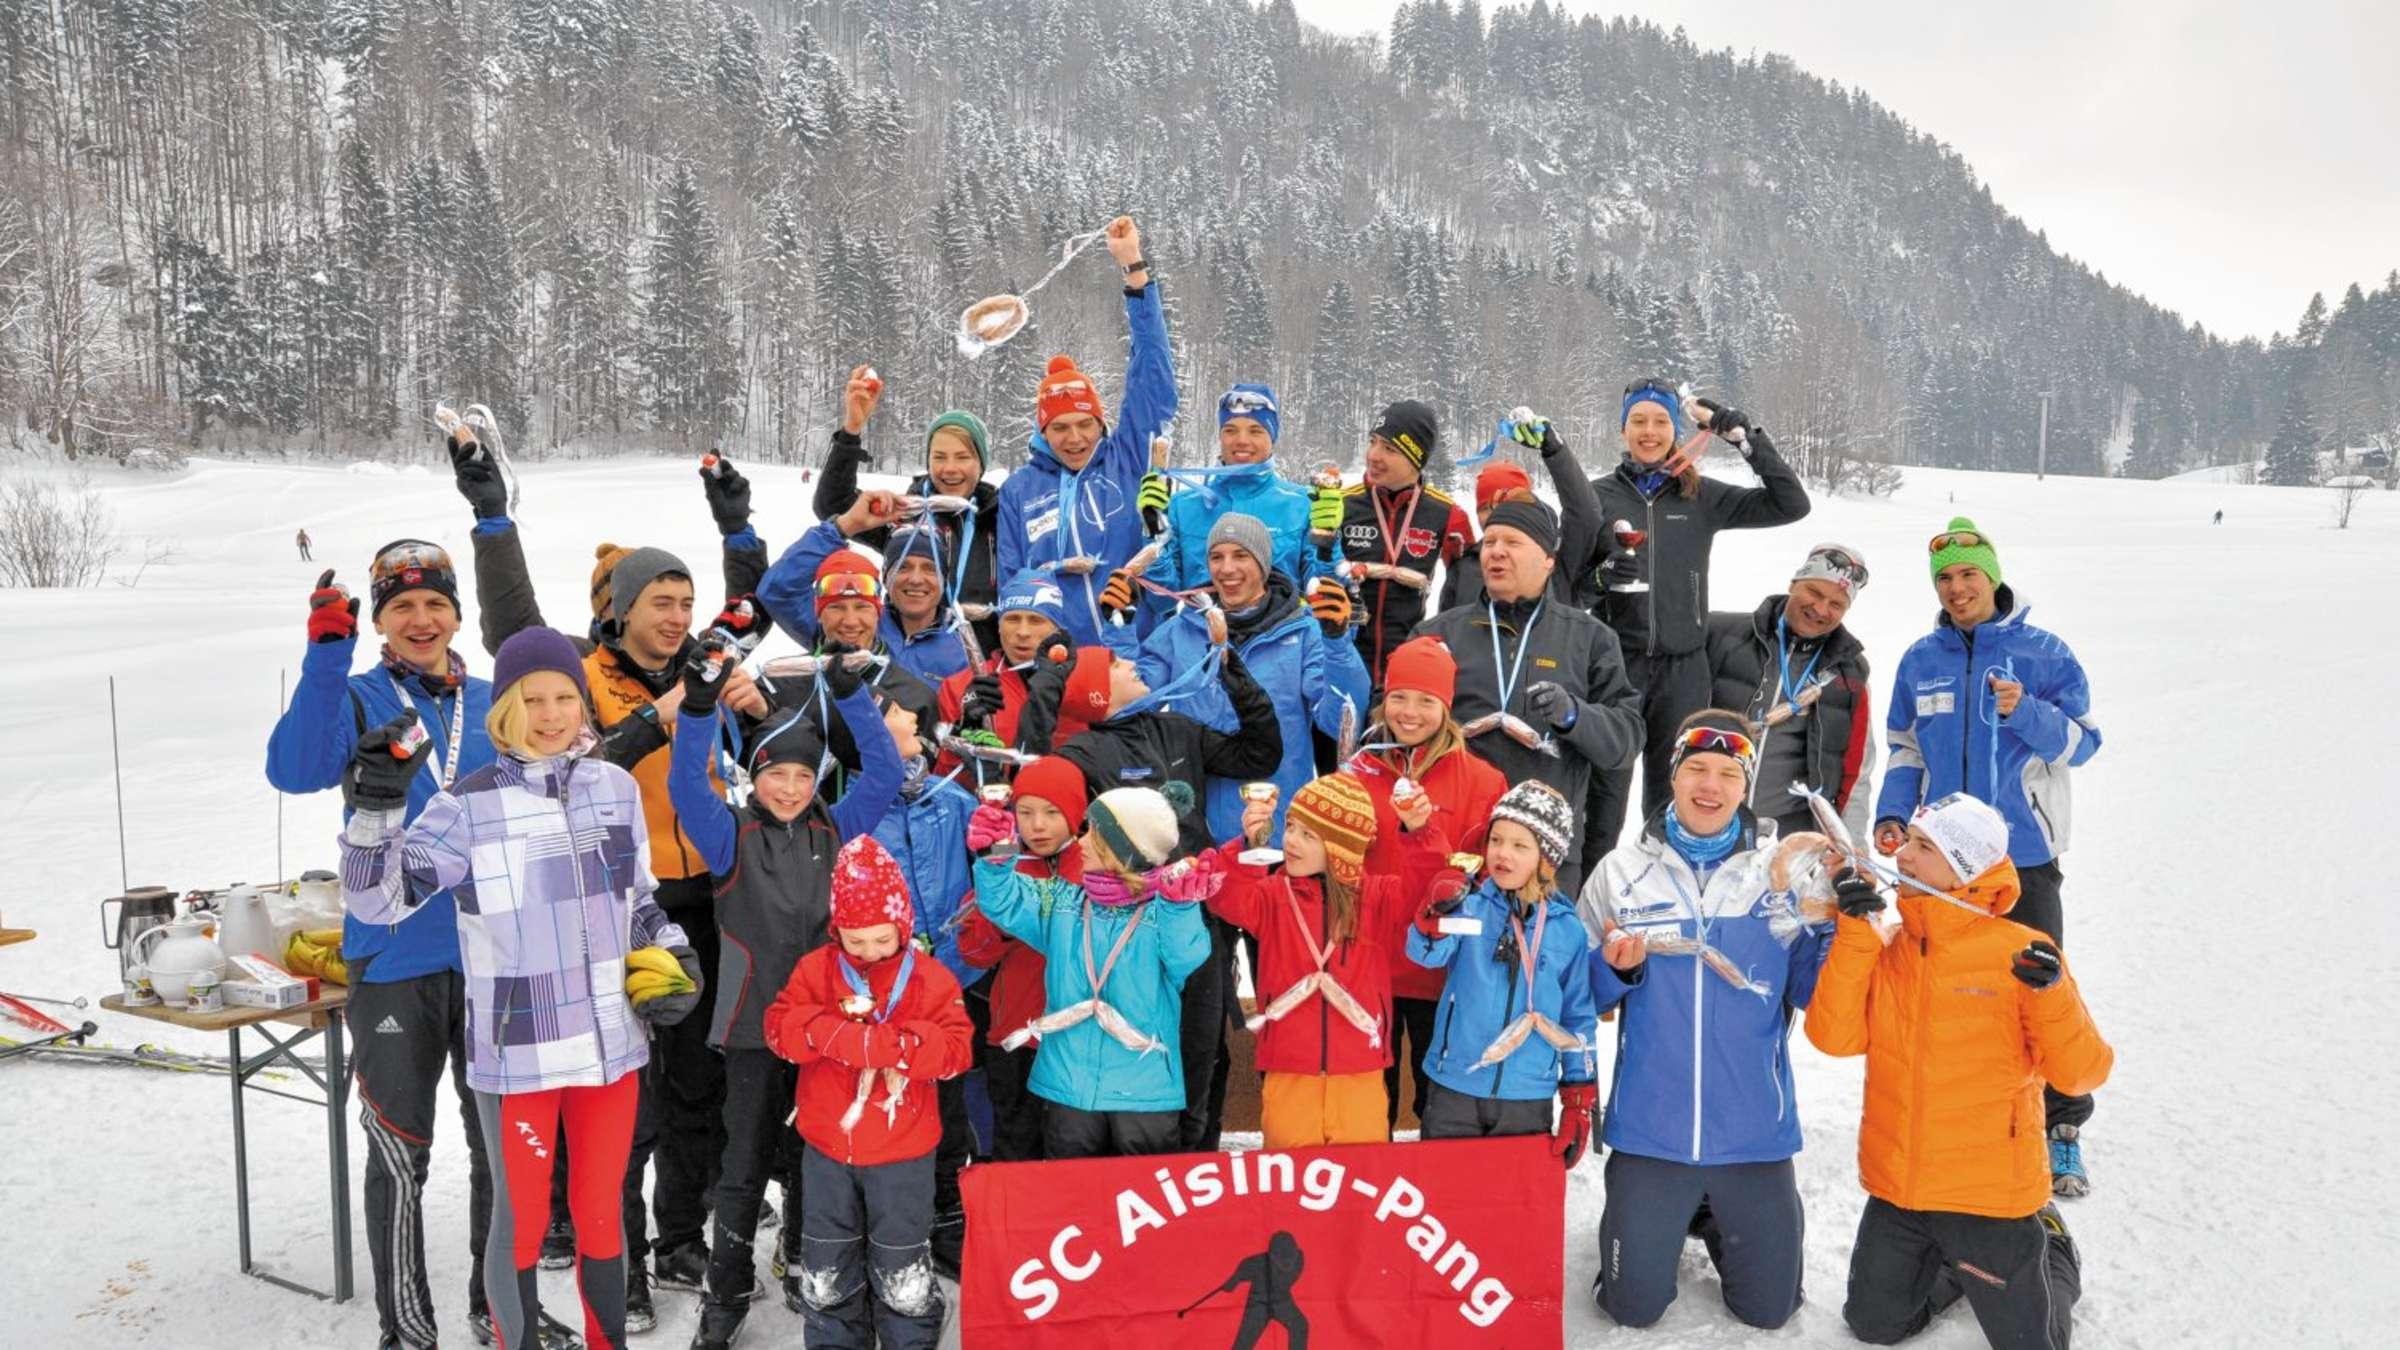 Skiclub Aising Pang Ermittelte Vereinsmeisterschafts Team Rosenheim Stadt